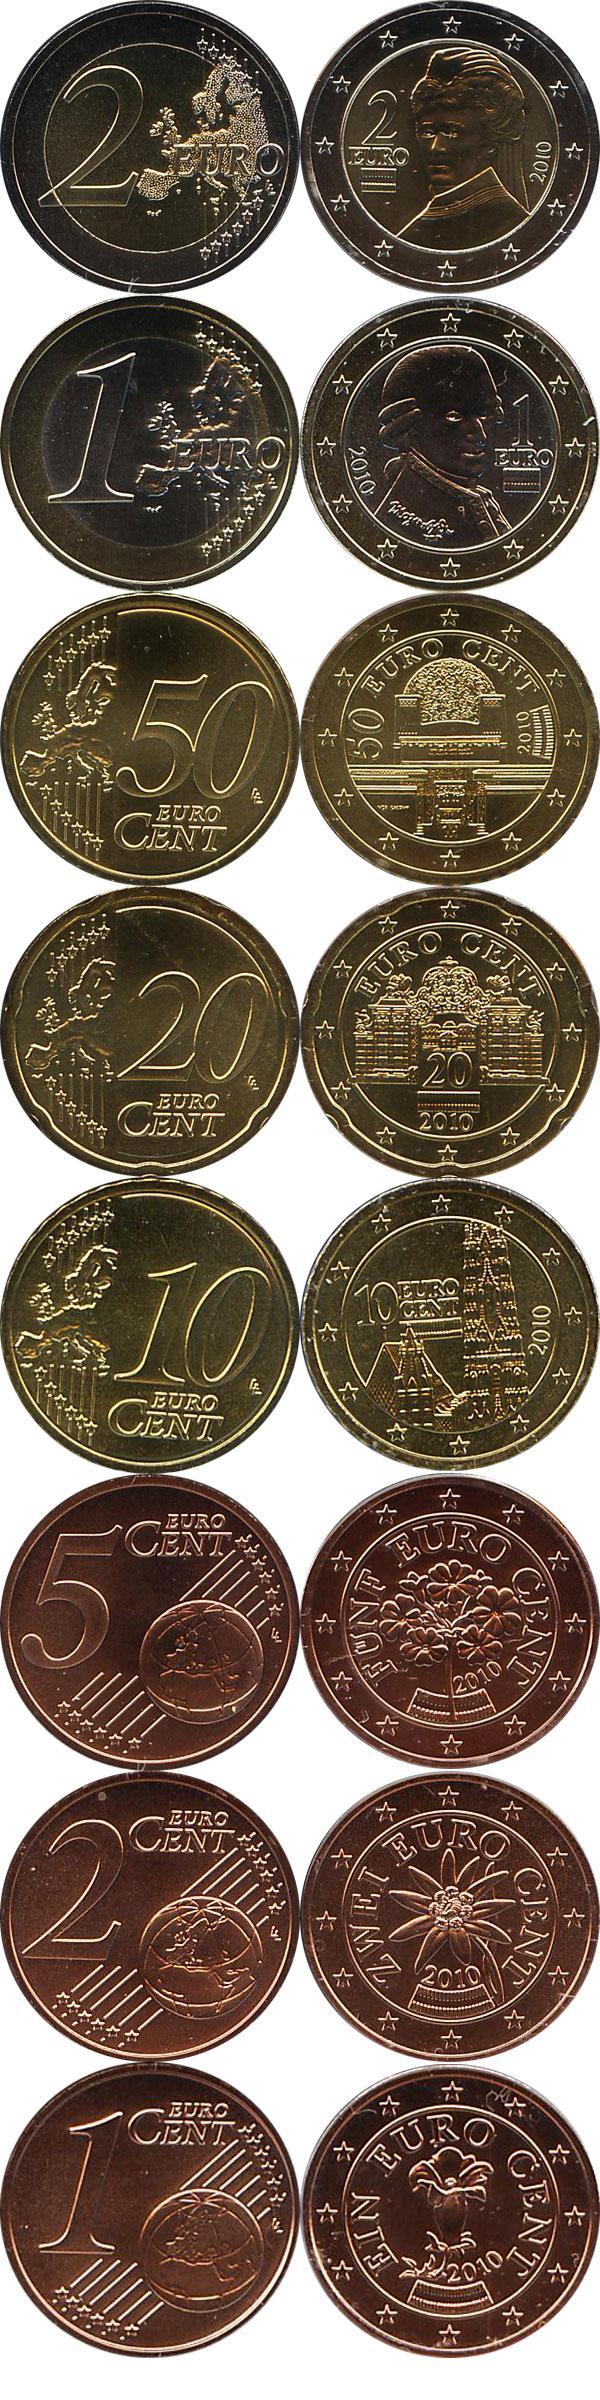 Каталог монет - Австрия Евронабор 2010